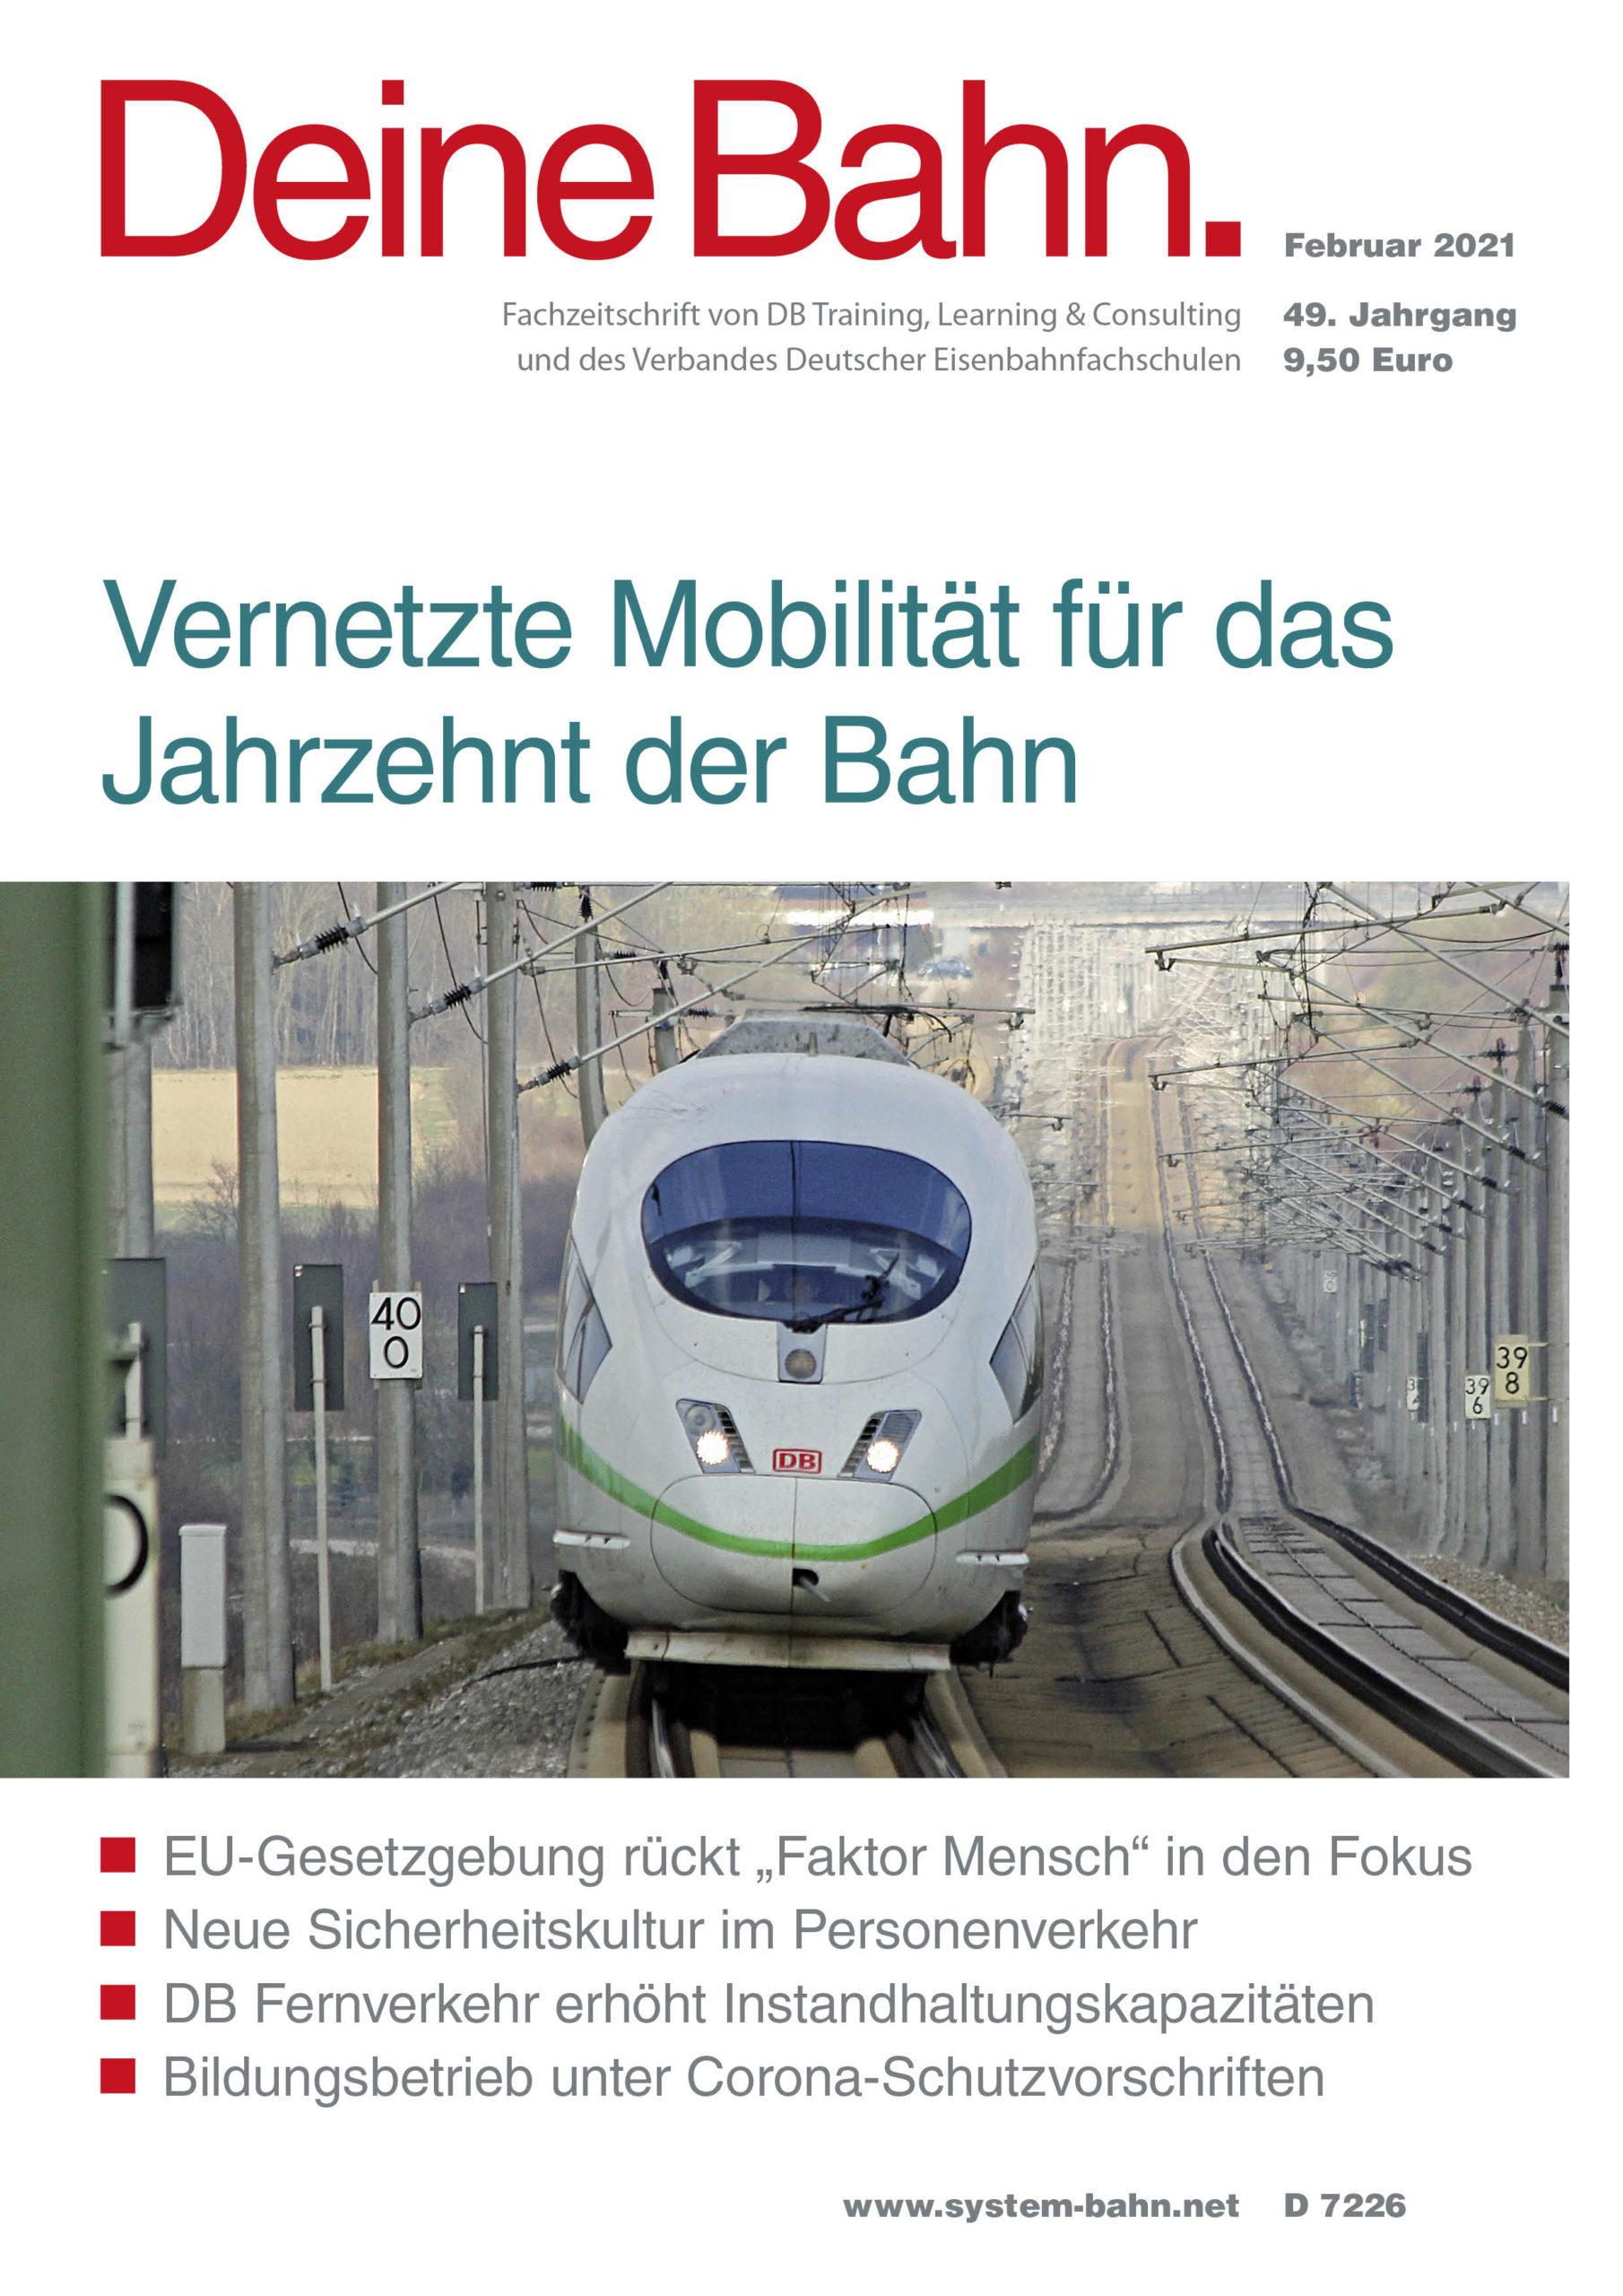 Umschlagmotiv Fachzeitschrift Deine Bahn Februar 2021